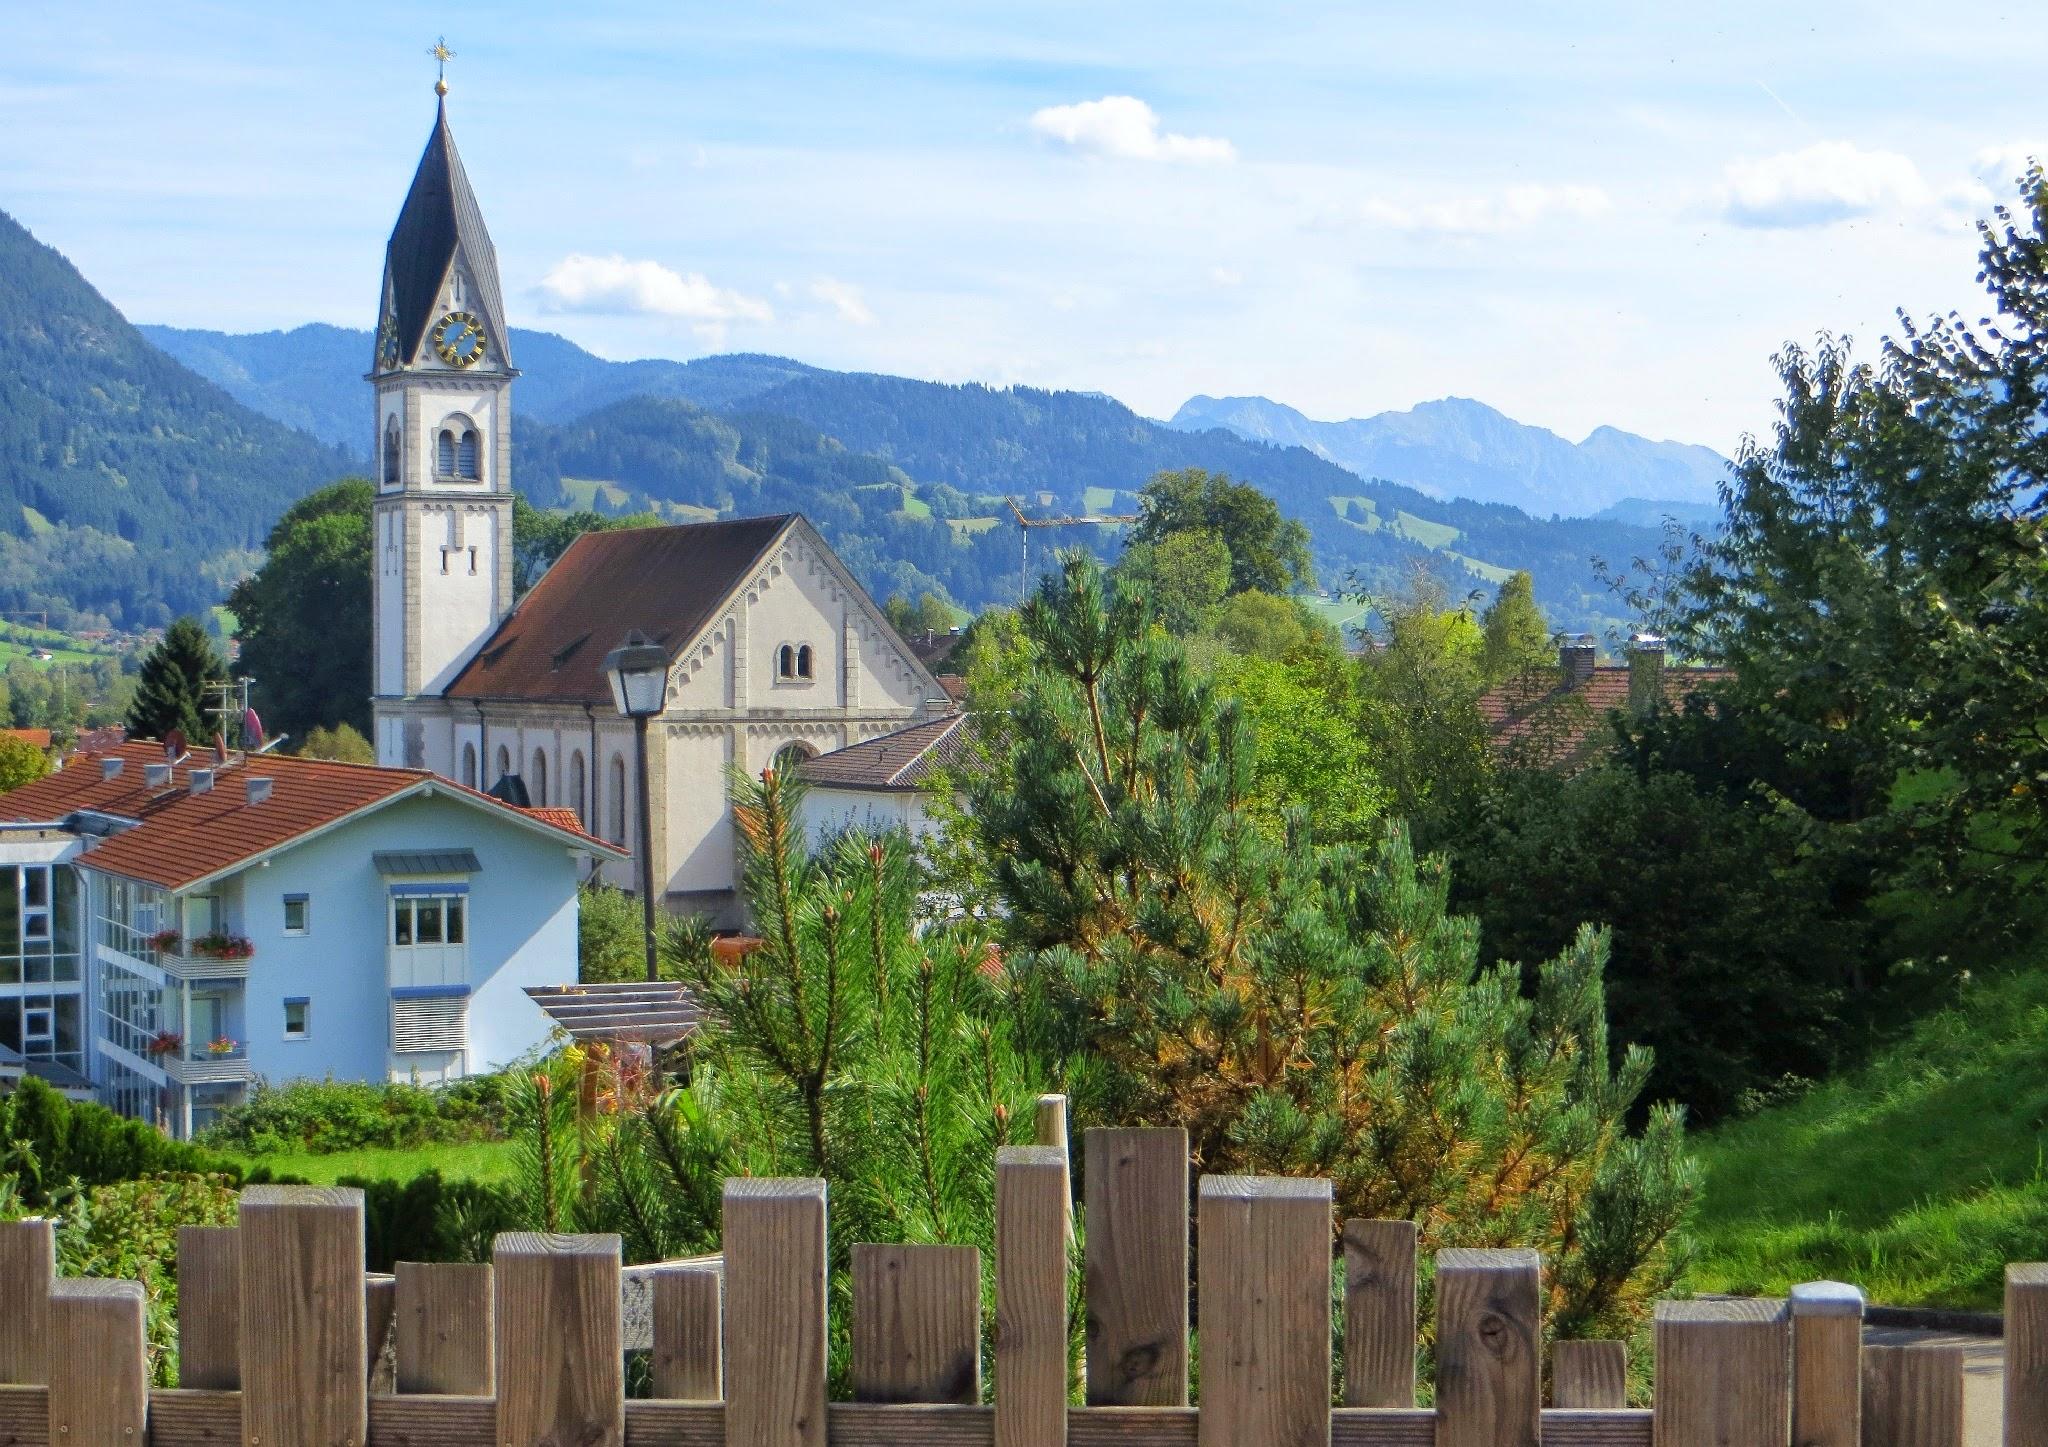 Photo: Am Scheibenbach Motiv 1 Vordergrund Holzzaun - Blick zu den Hindelanger Bergen Spazieren: https://pagewizz.com/blaichach-spazieren-im-allgau-35033/